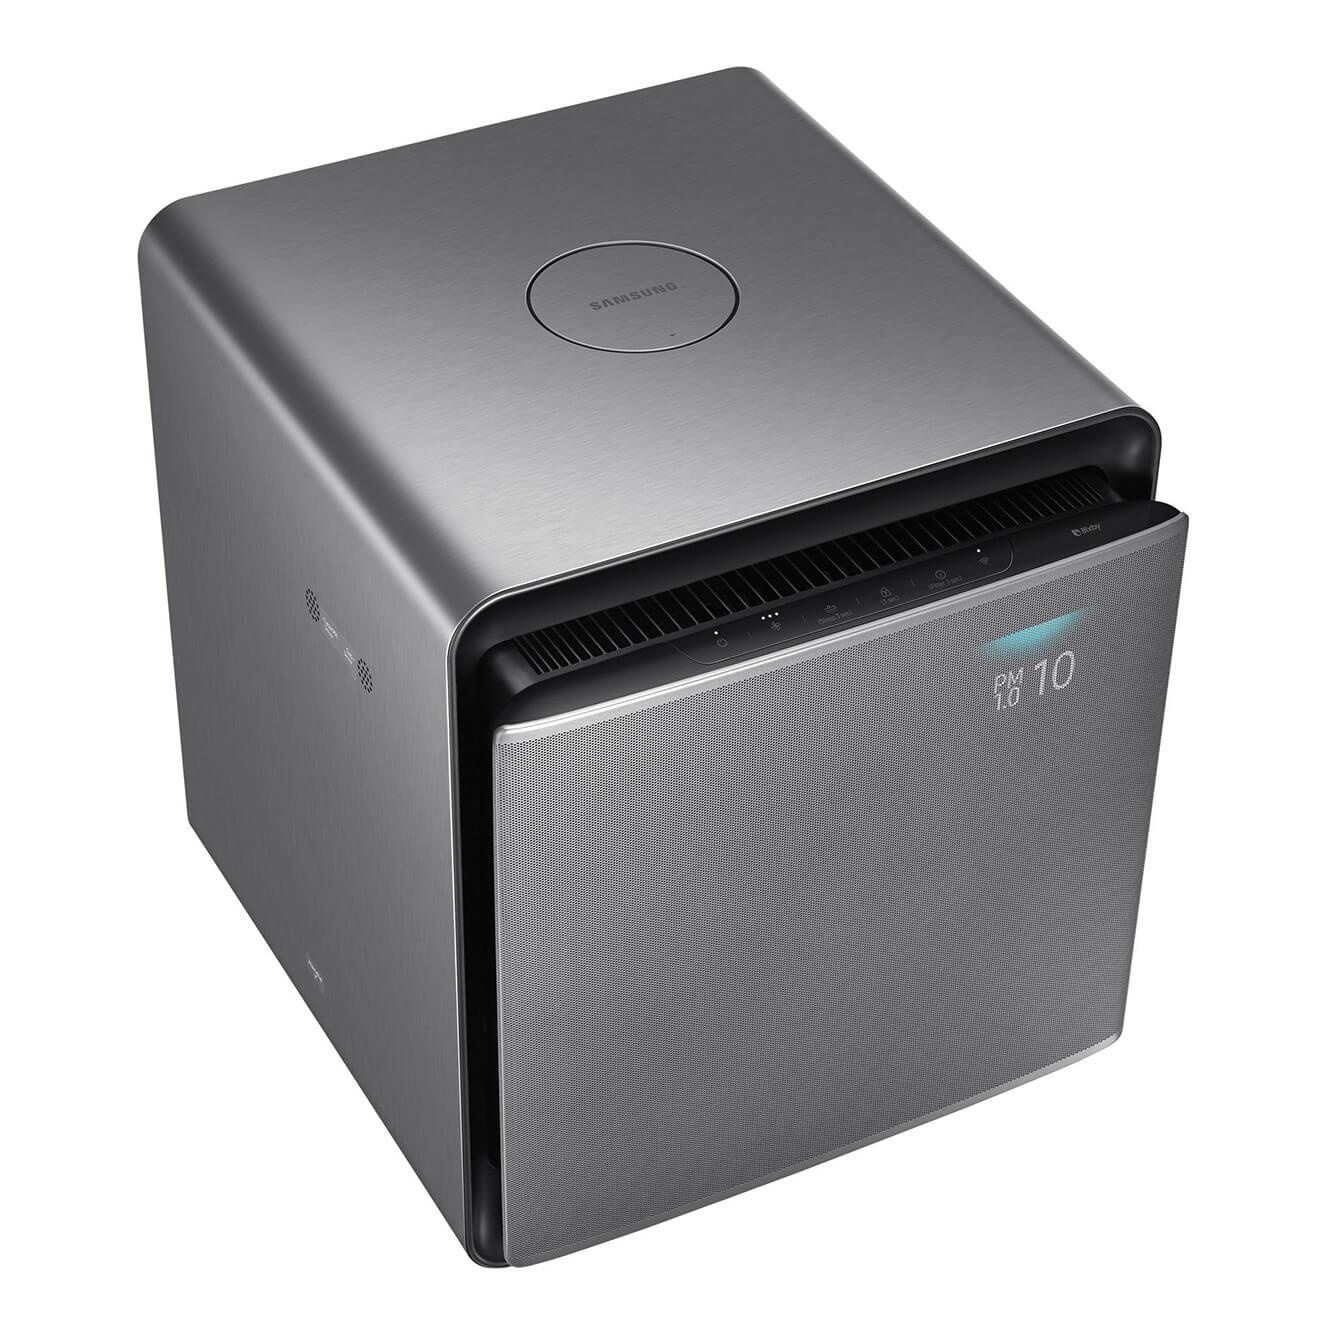 Oczyszczacz powietrza Samsung AX47R9080SS Cube